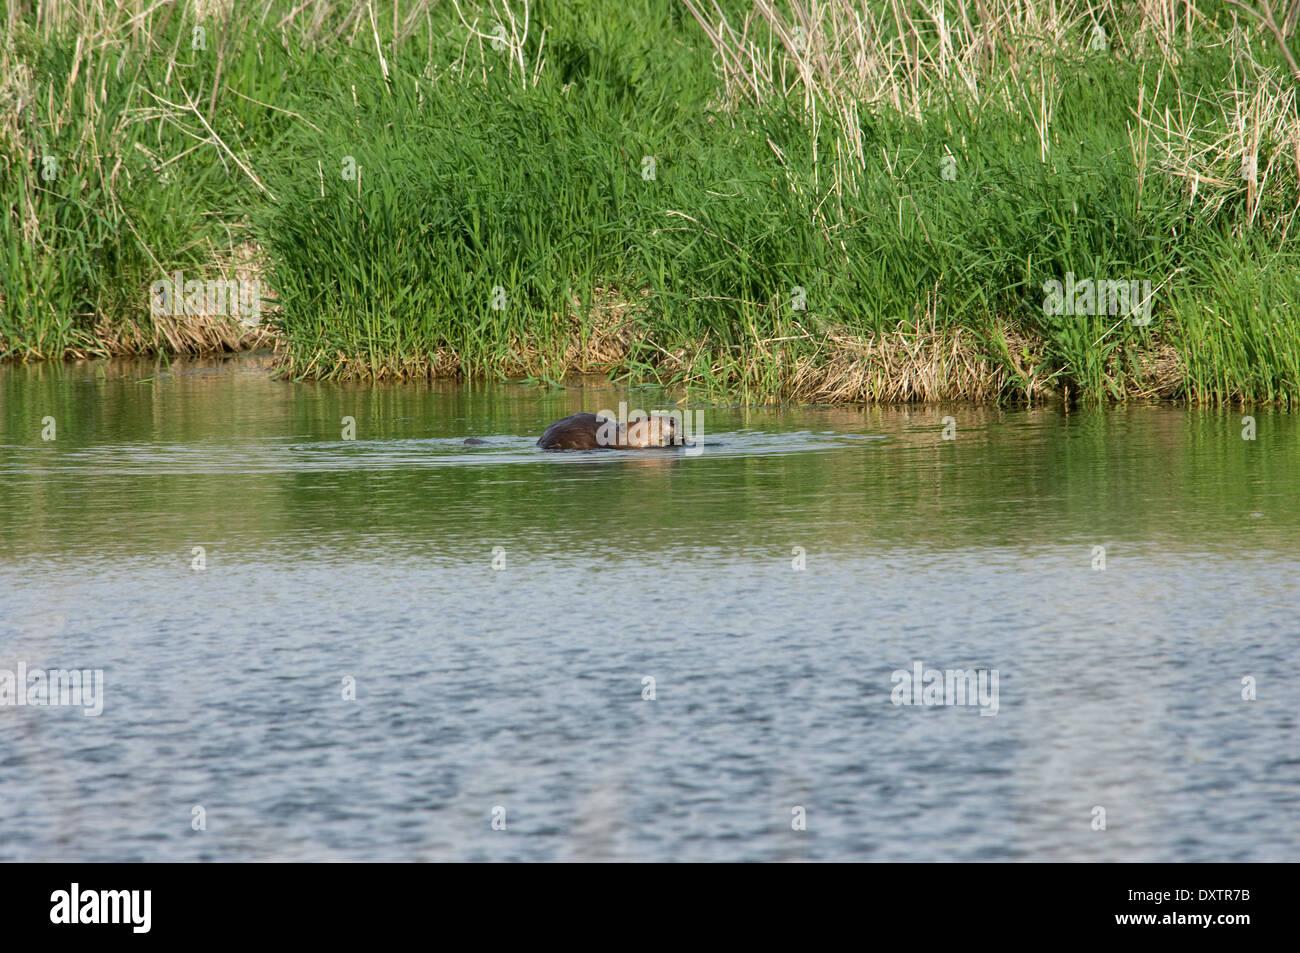 Biber in einer Prärie Teich, Pipestone National Monument, Minnesota. Stockbild